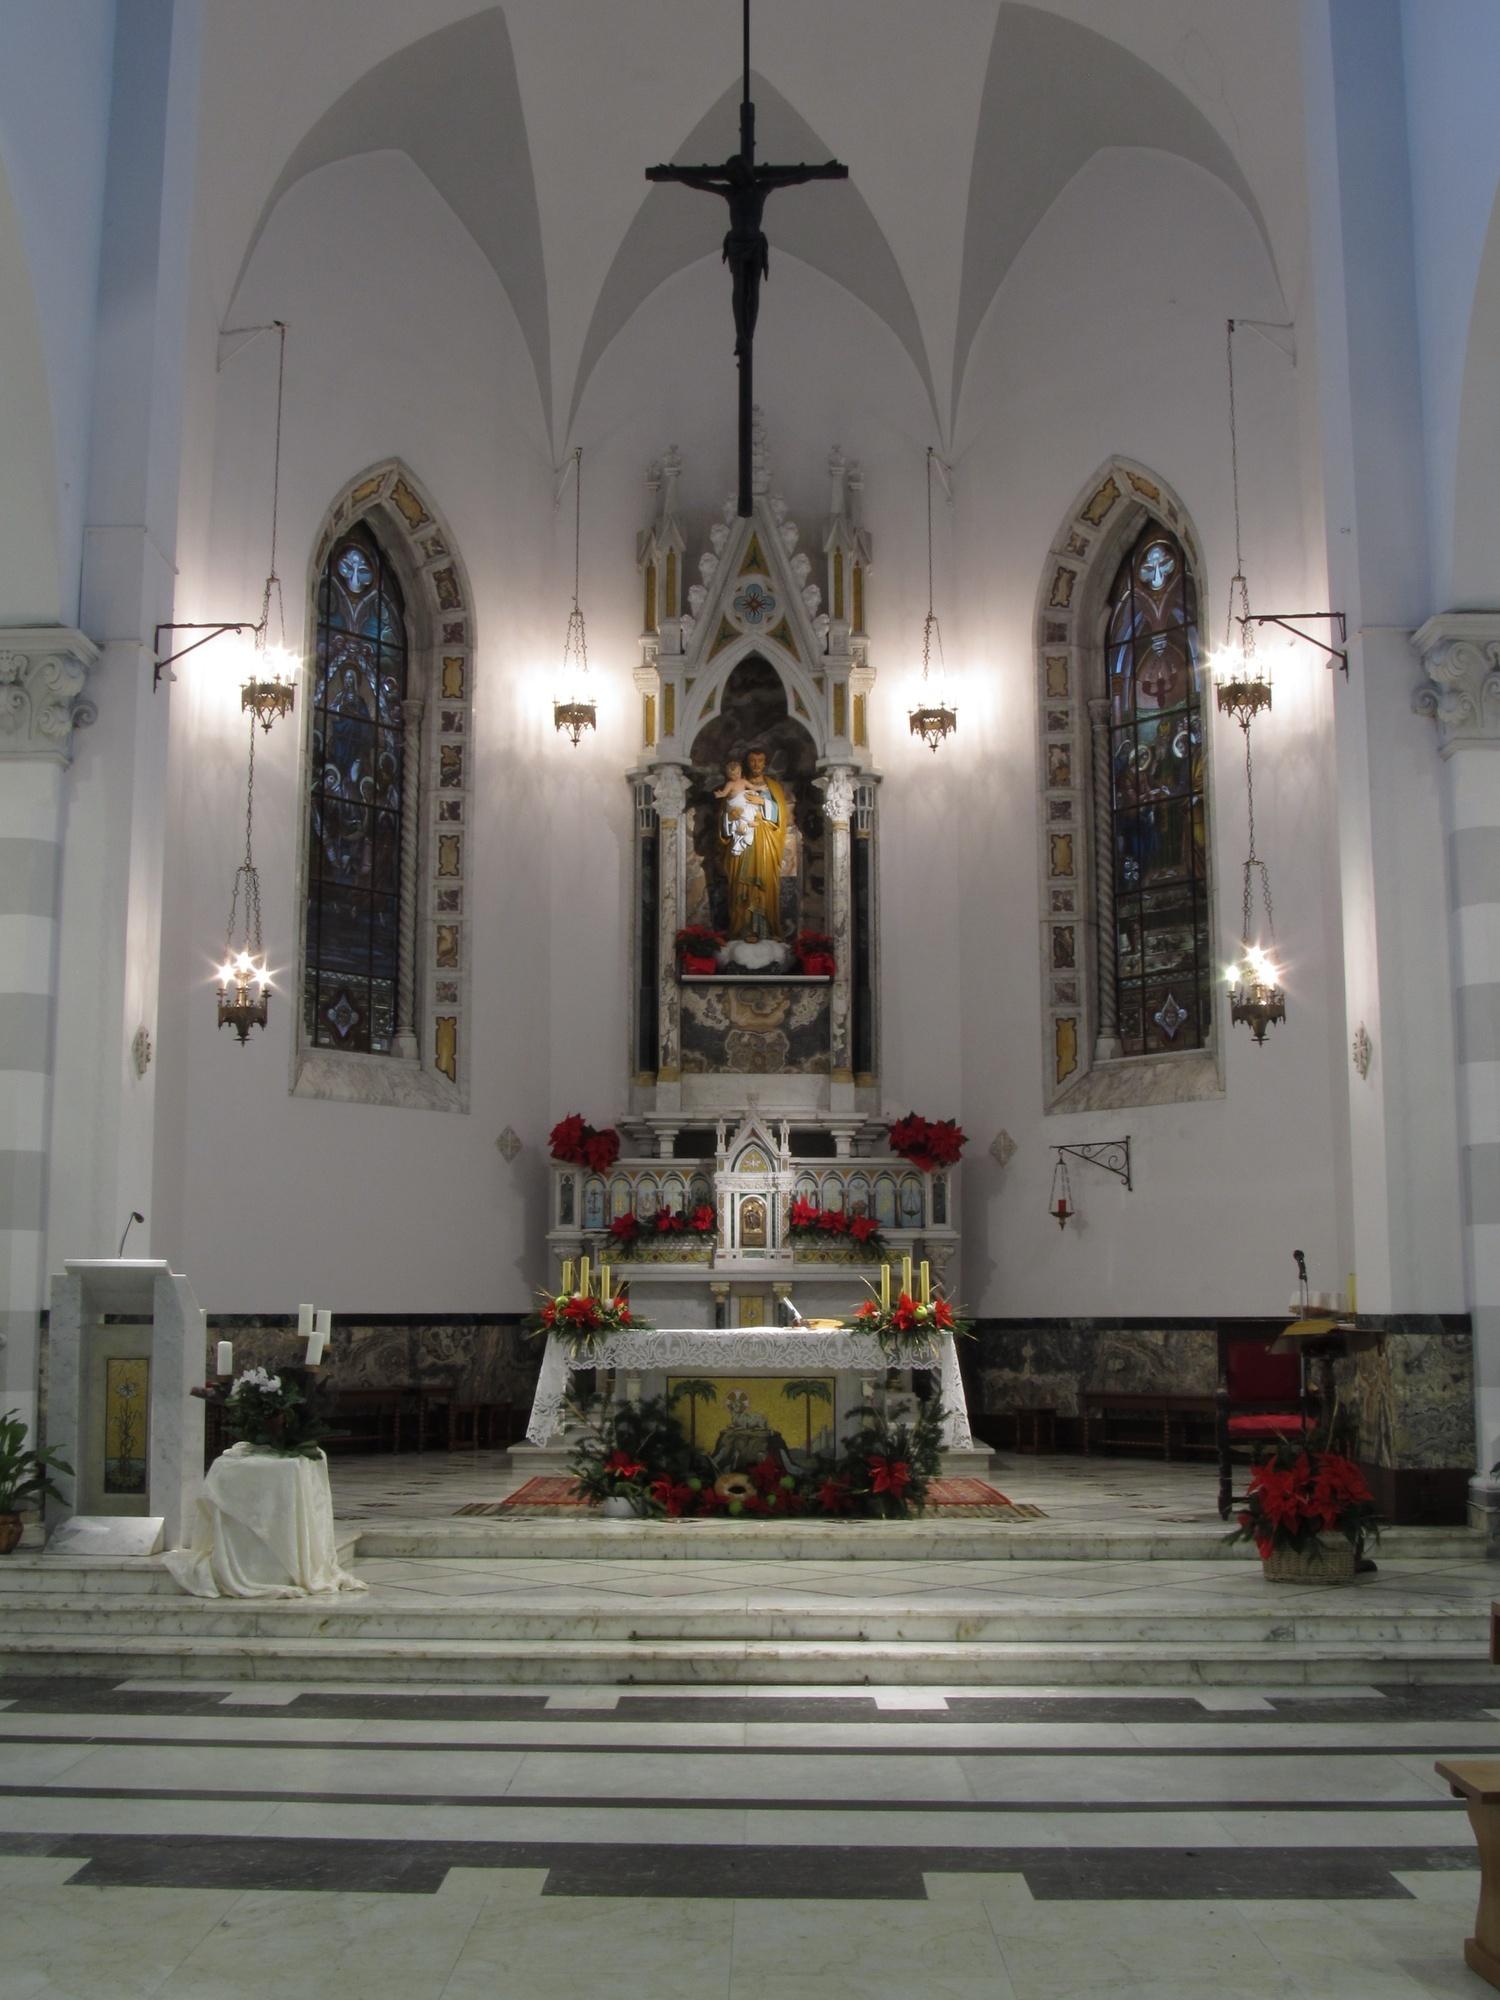 chiesa-natale-2015-12-24-15-03-11